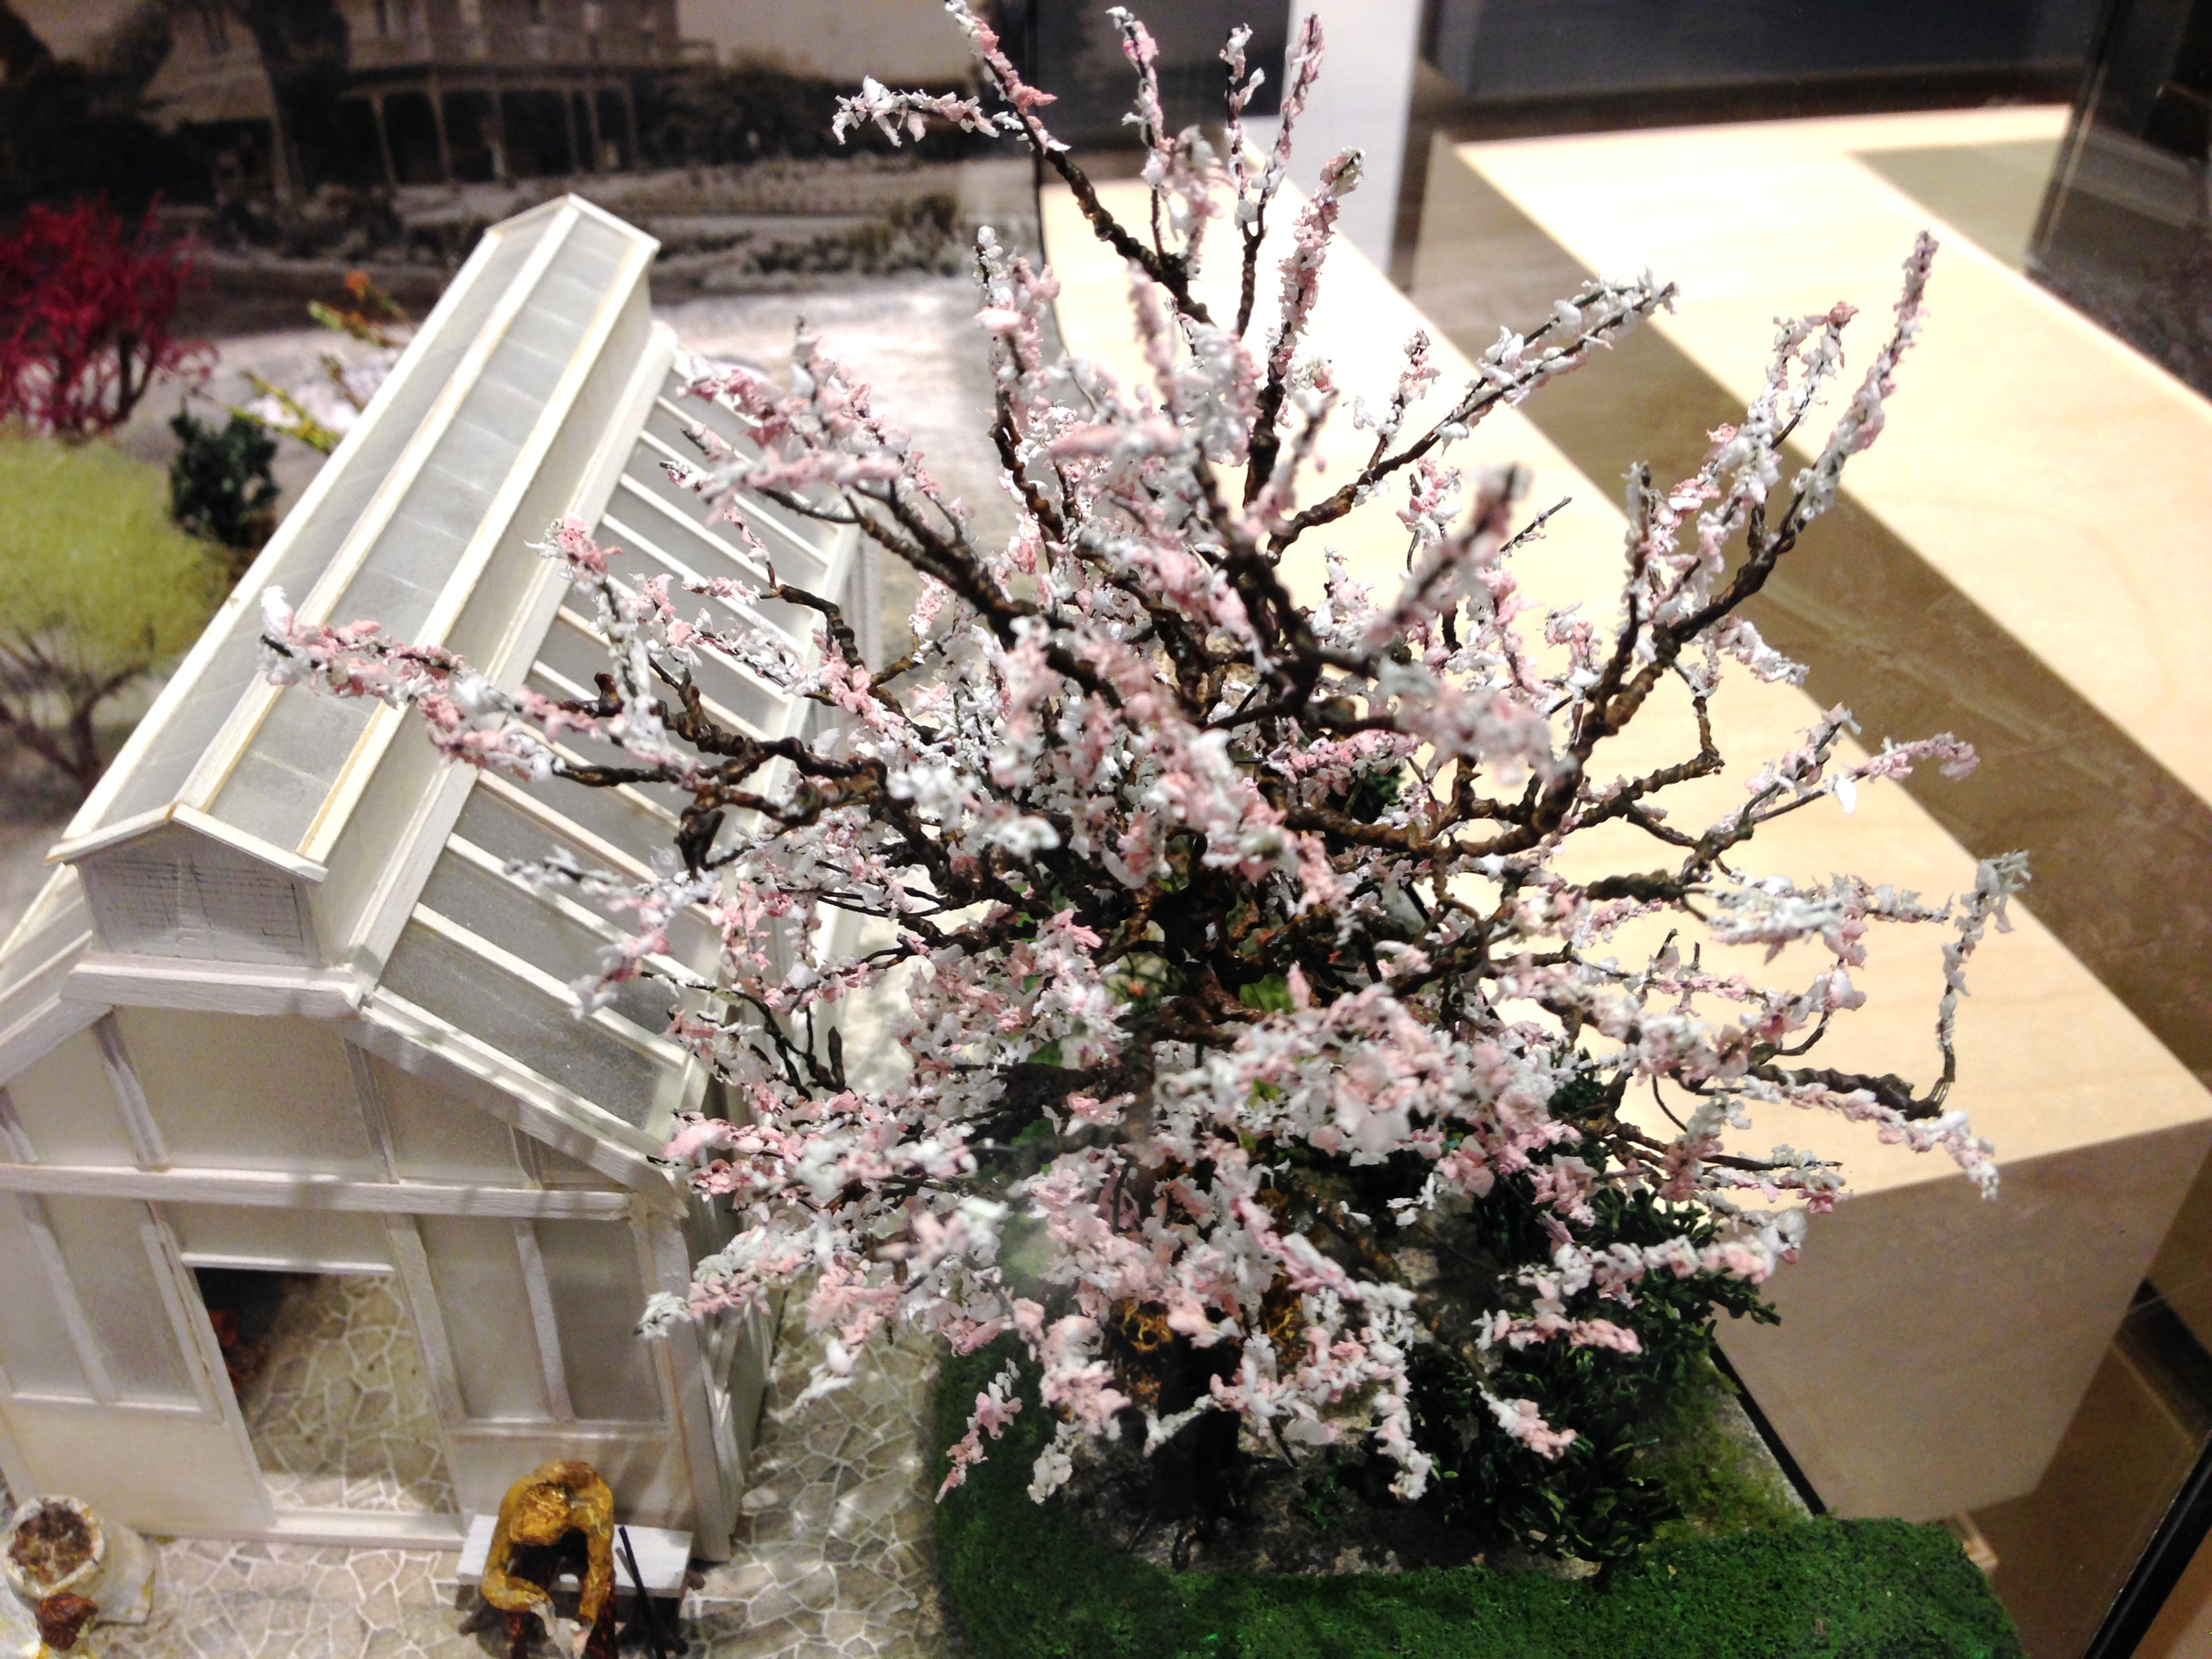 Diorama including a cherry blossom tree